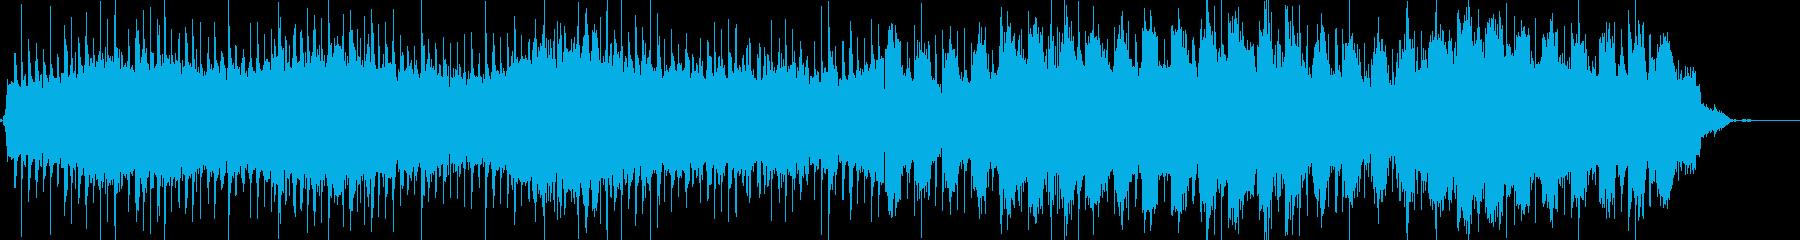 サイエンス実験 科学 教育 理科 近未来の再生済みの波形